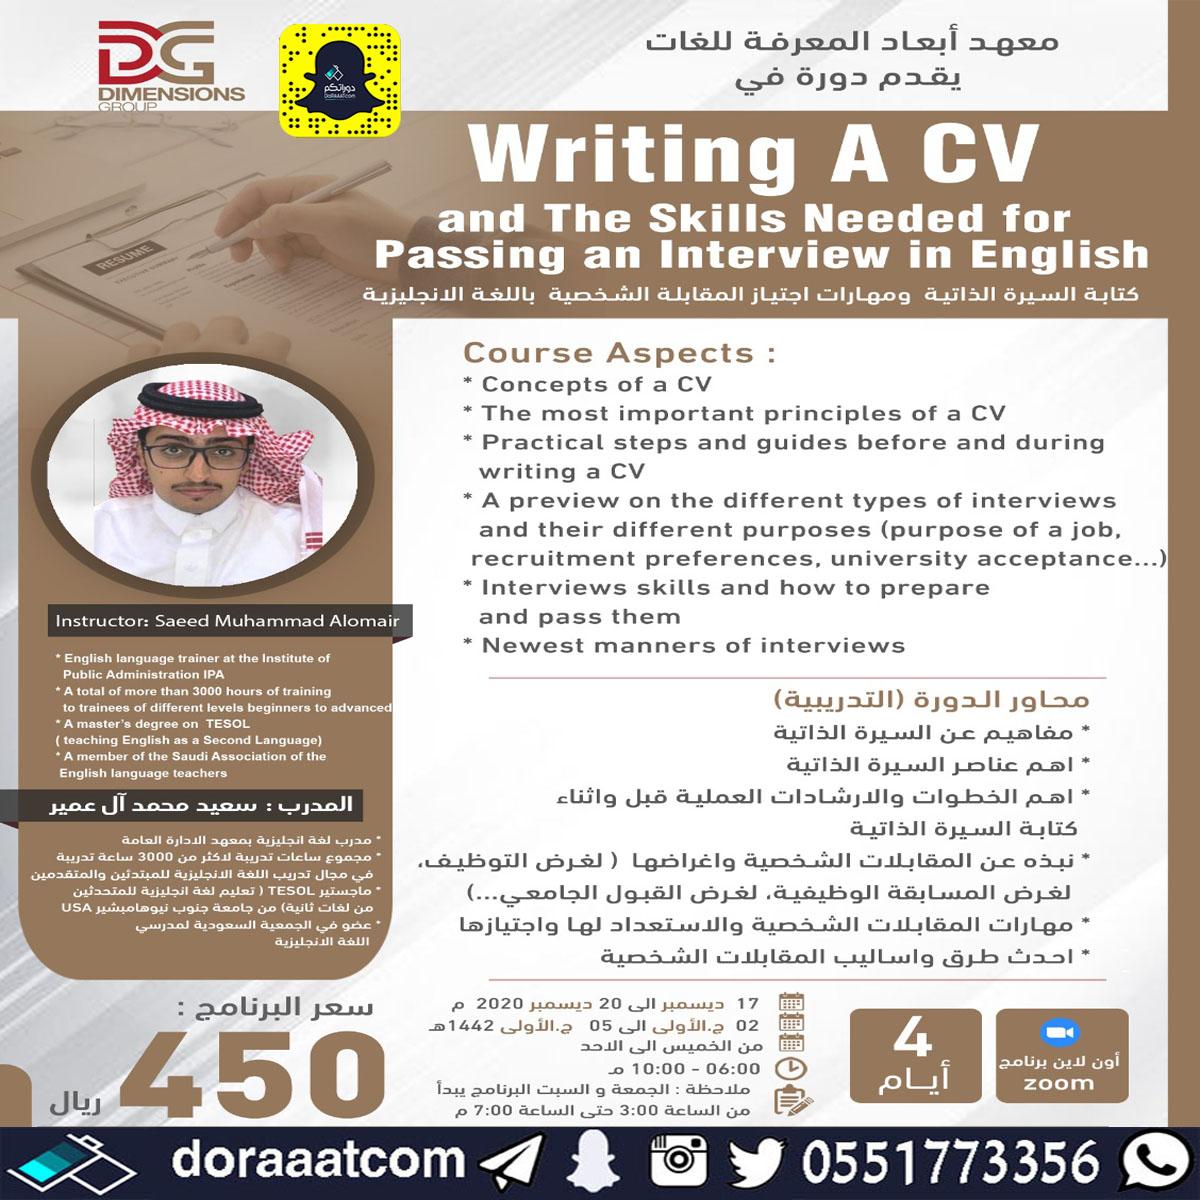 أون لاين – دورة كتابة السيرة الذاتية ومهارات اجتياز المقابلة الشخصية باللغة الانجليزية